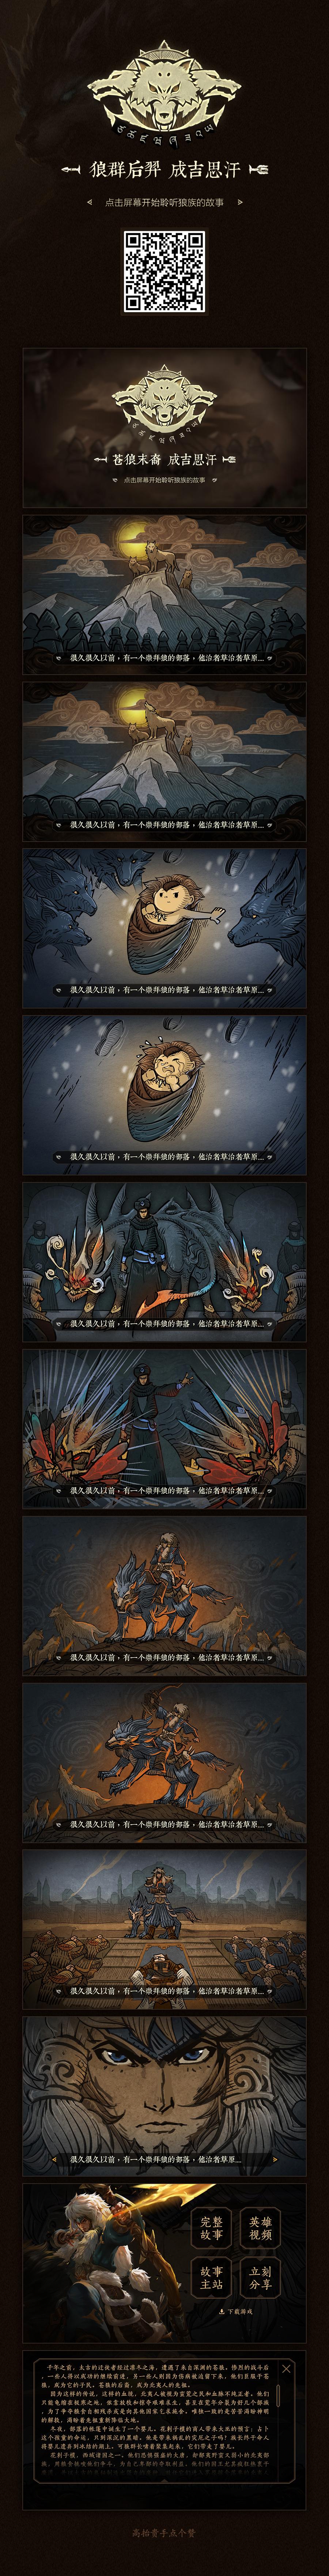 查看《王者荣耀 成吉思汗 狼族的故事H5》原图,原图尺寸:900x7037